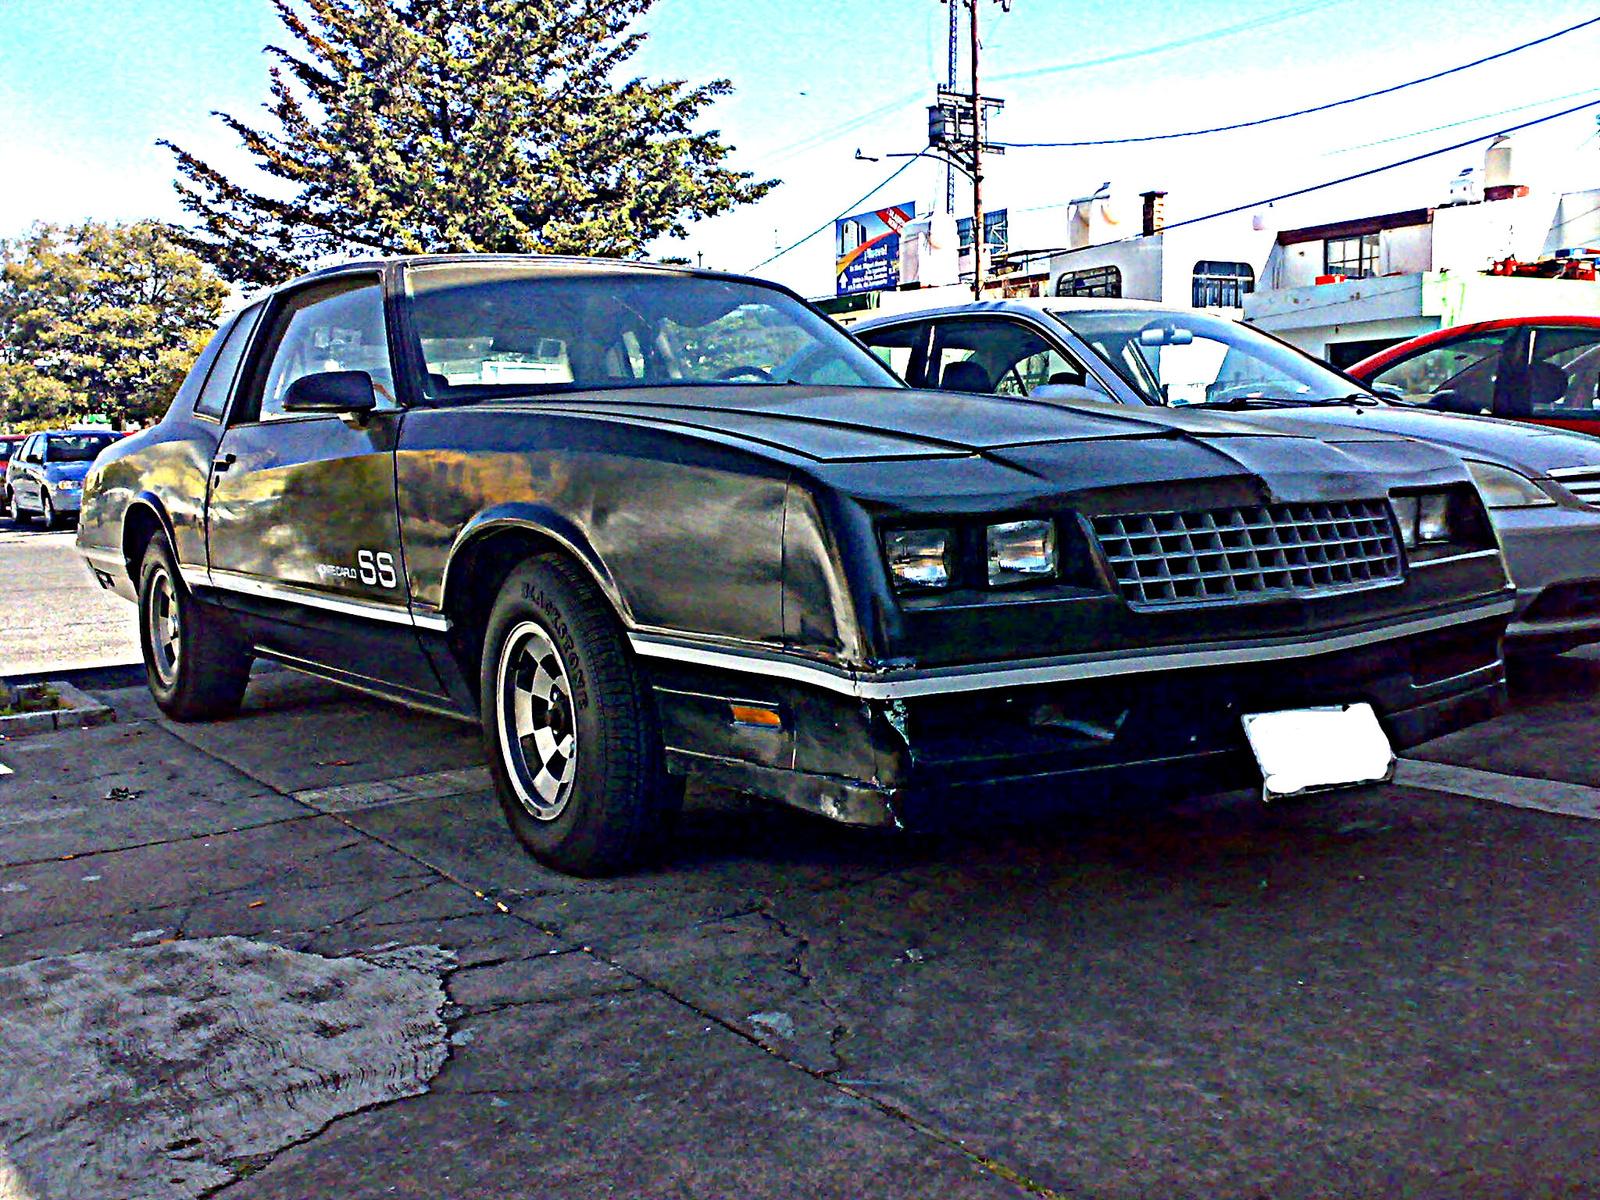 1984 Chevrolet Monte Carlo Exterior Pictures Cargurus